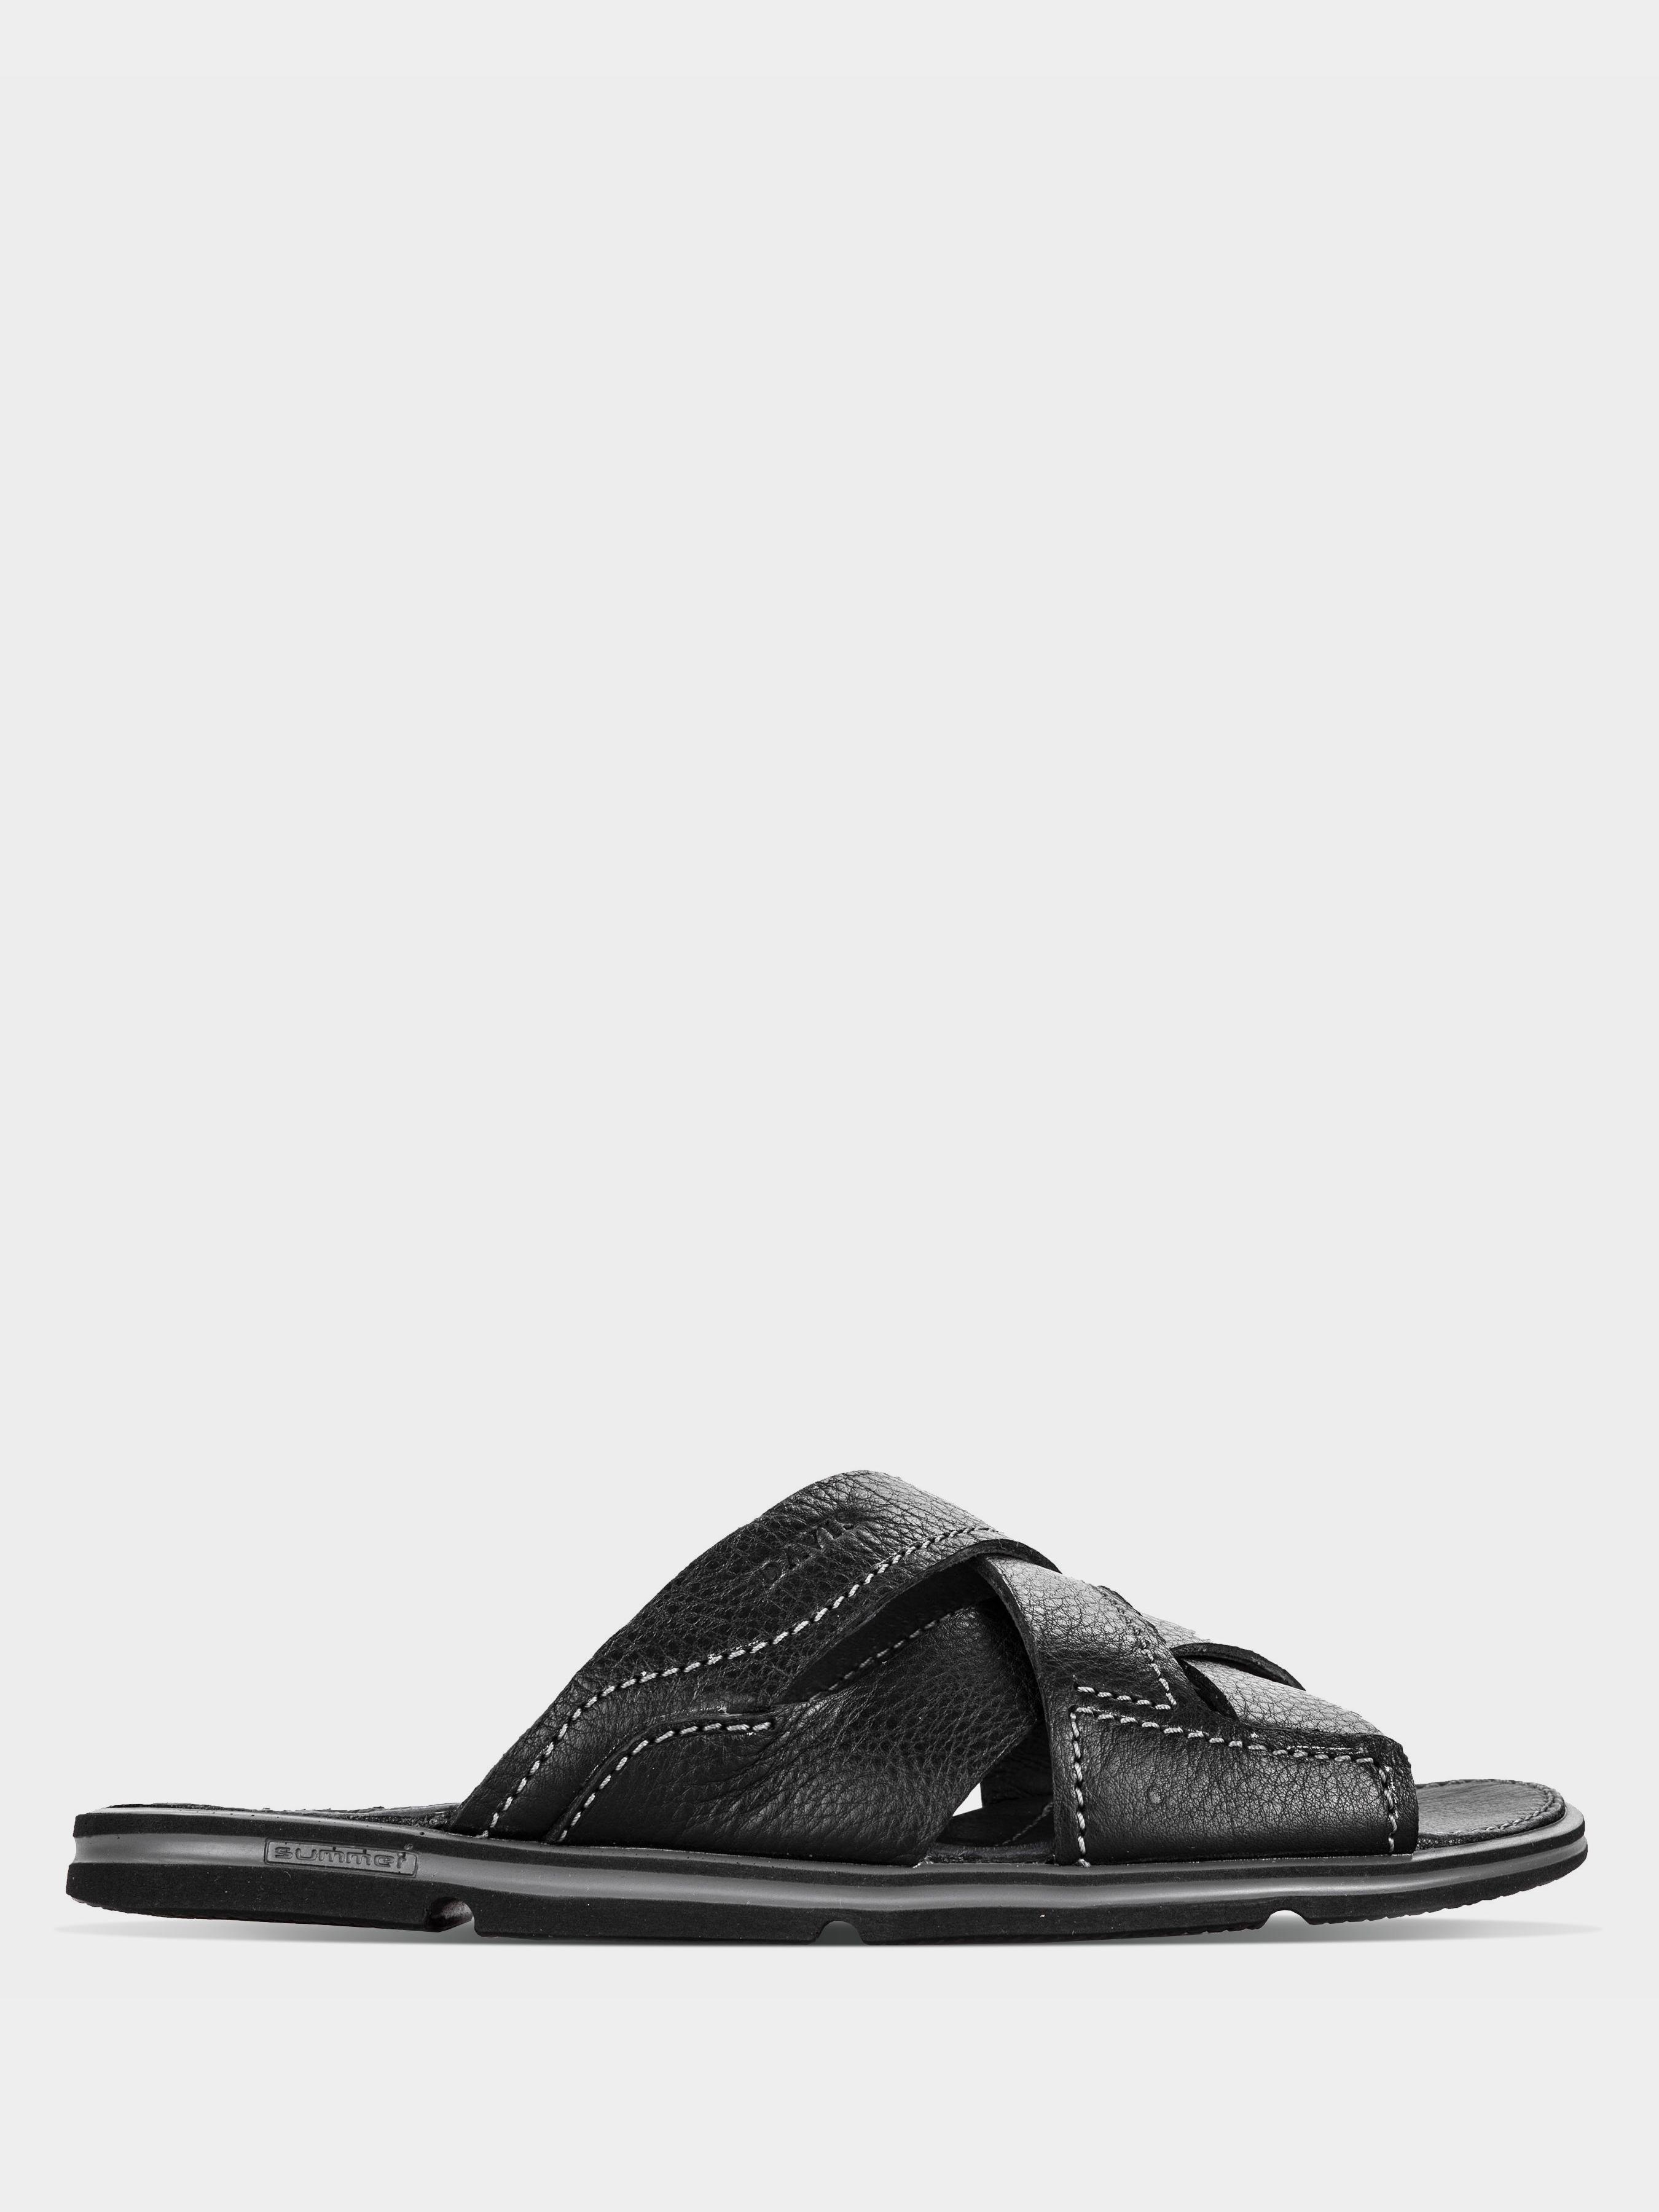 Шлёпанцы для мужчин Davis dynamic shoes 9O54 Заказать, 2017